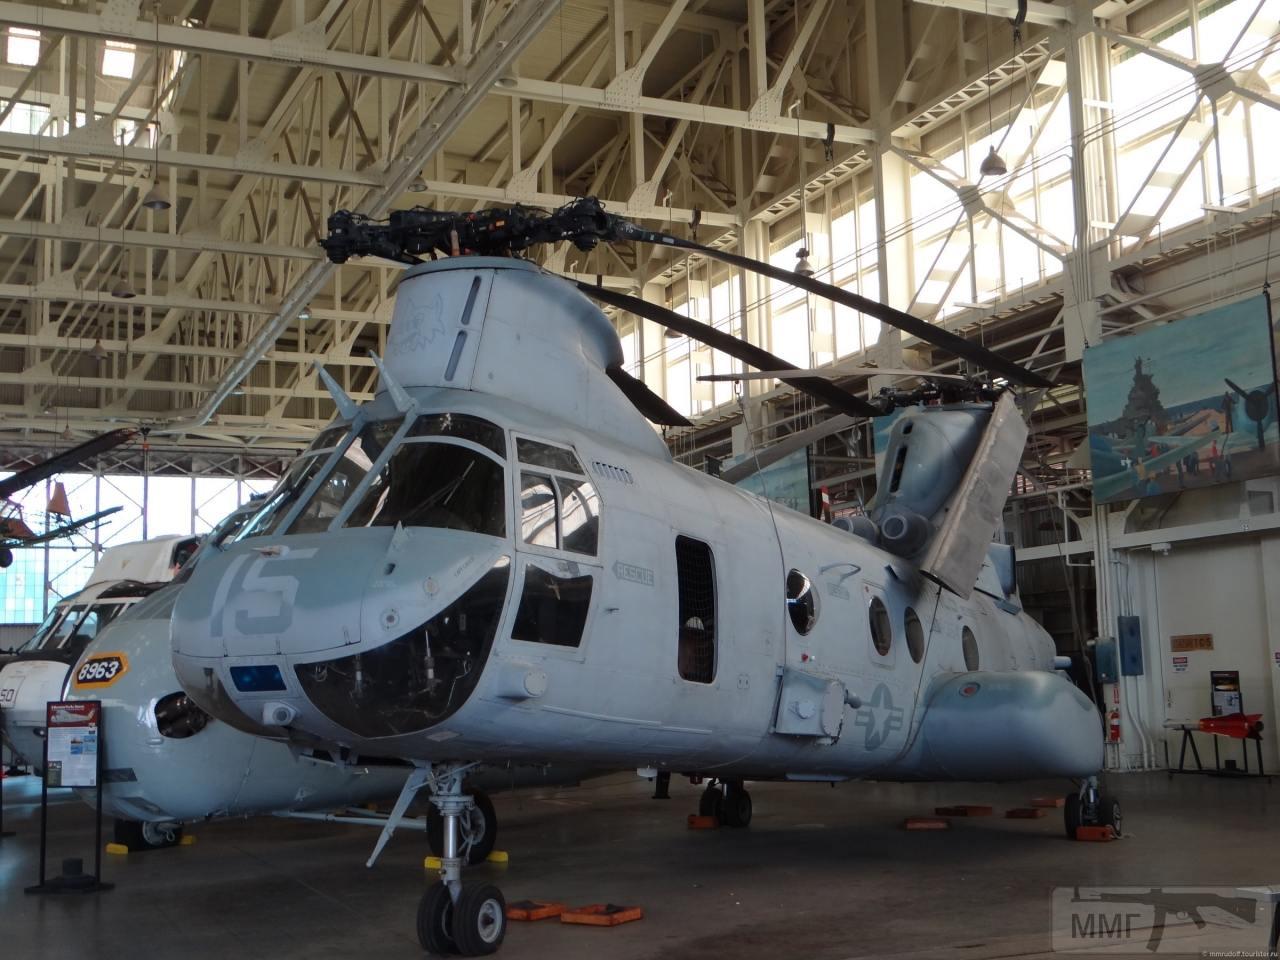 31999 - Тихоокеанский музей авиации «Пёрл-Харбор», Гонолулу